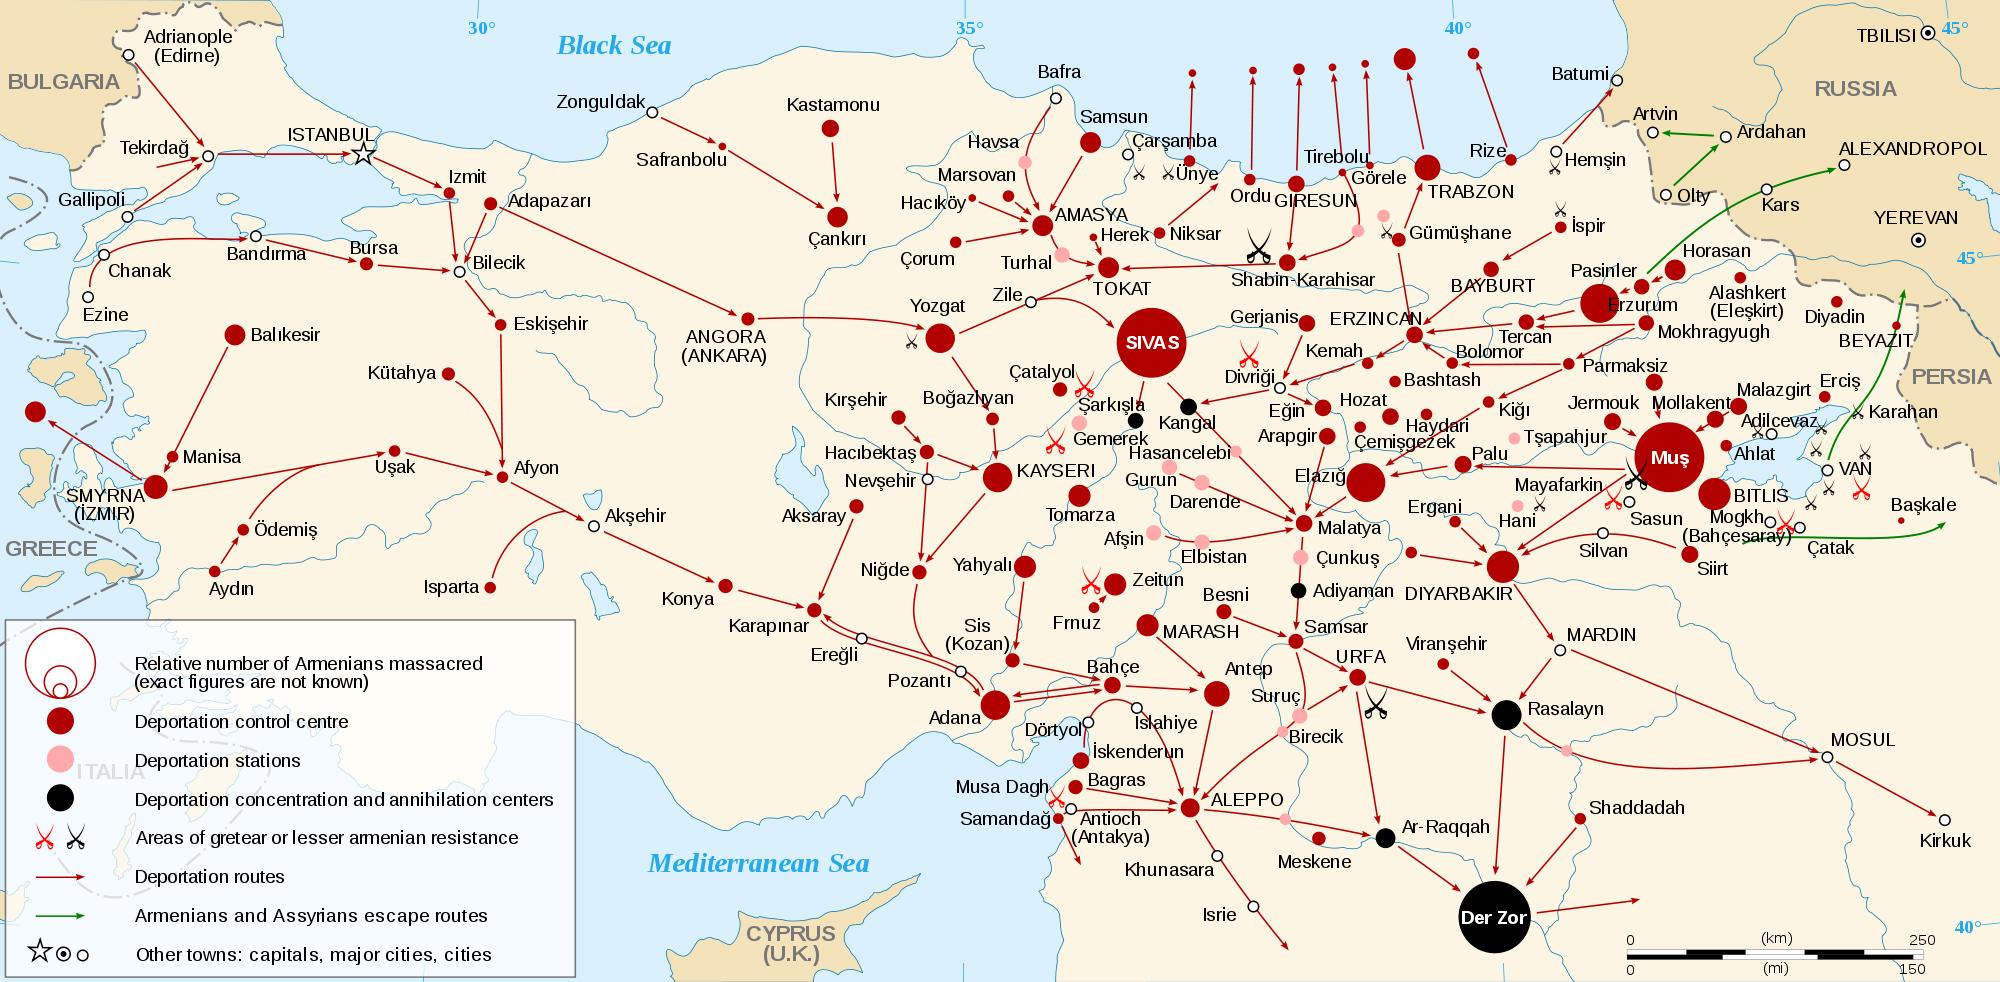 Genocidio armenio en el Imperio Otomano en 1915